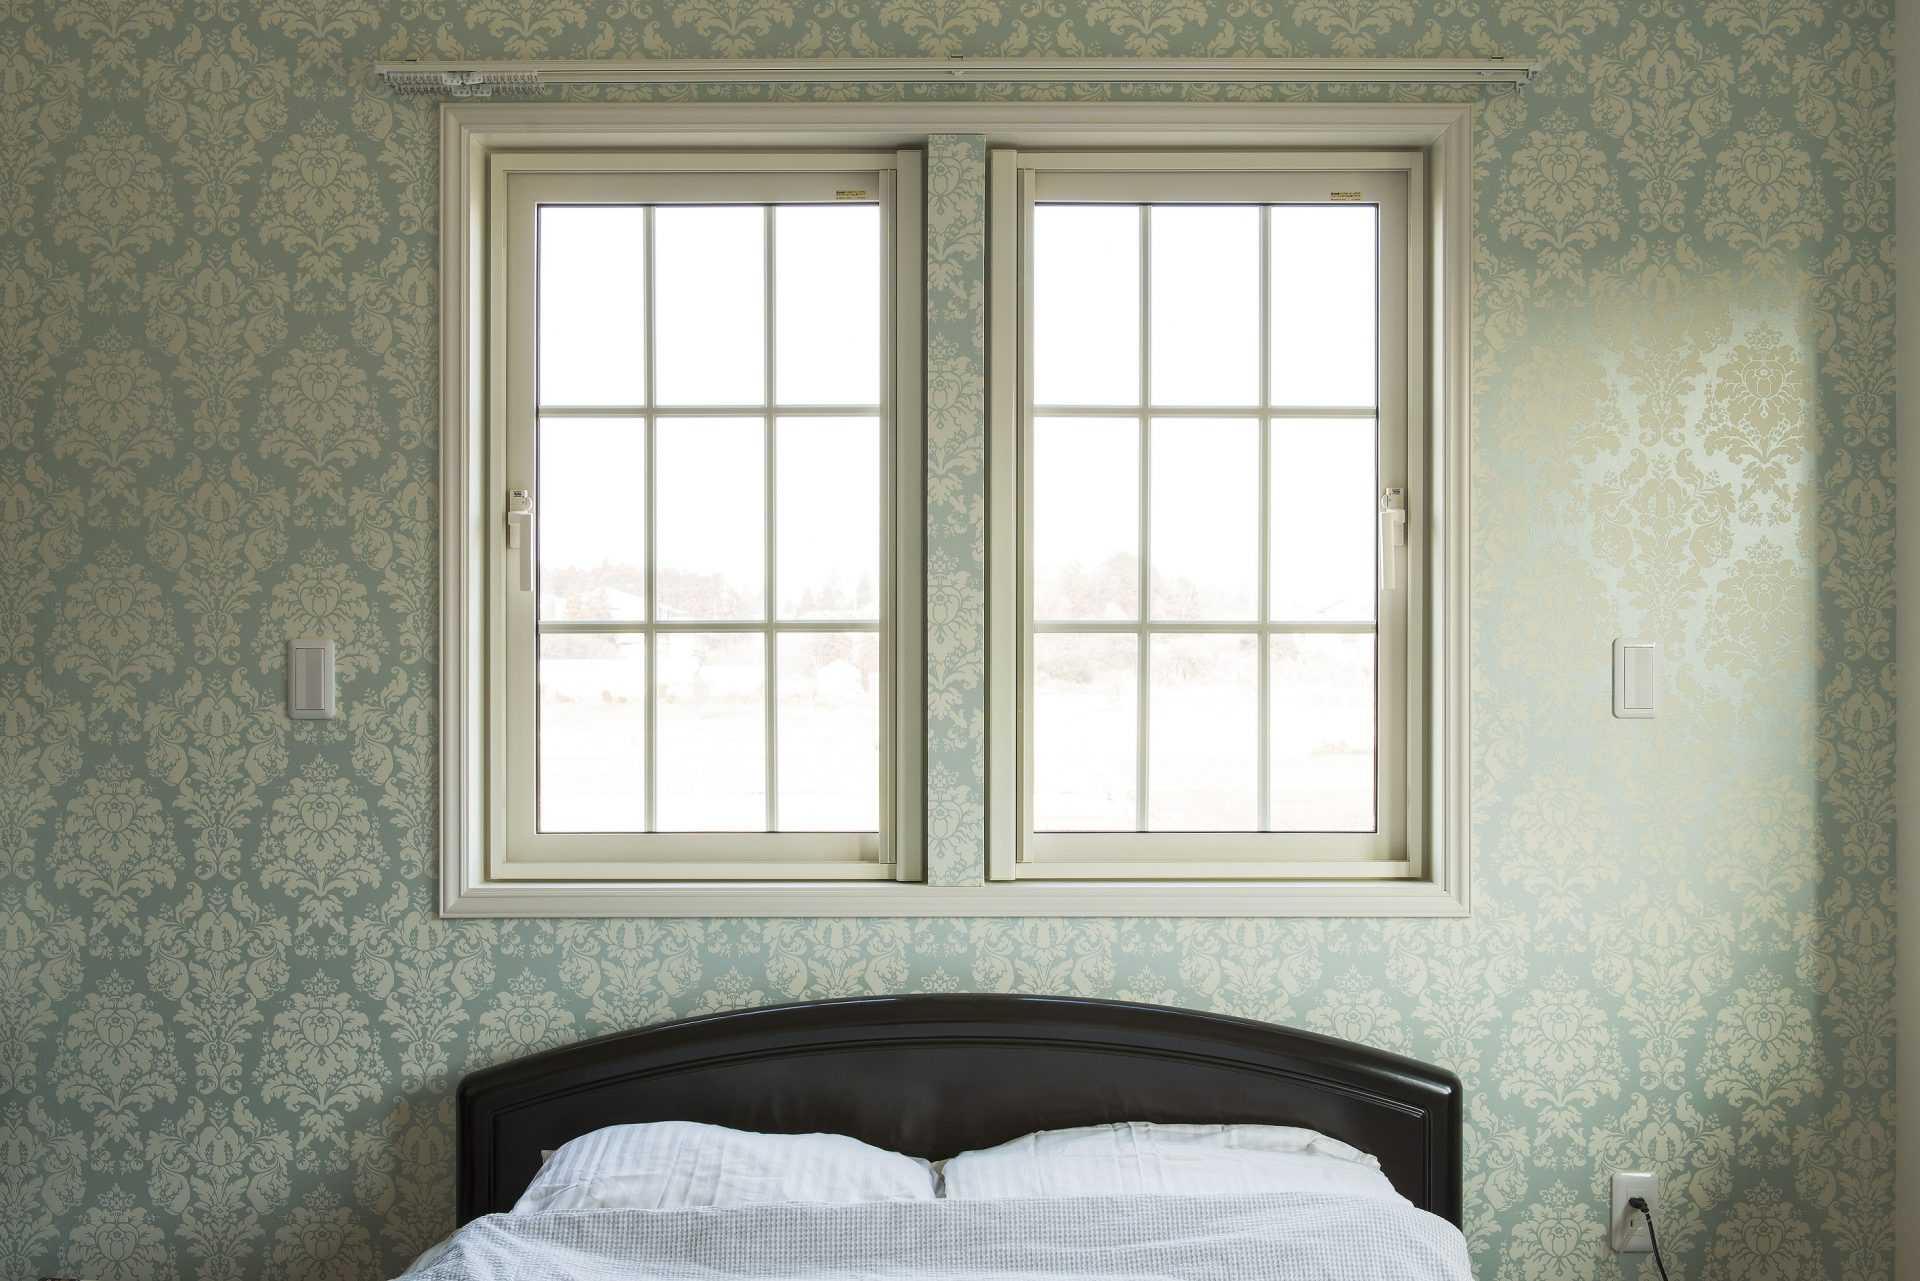 茨城県つくば市W様 不二建設 注文住宅 高性能住宅 全館空調 アメリカン 縦滑り窓 組子 ローラアシュレイ 壁紙 寝室